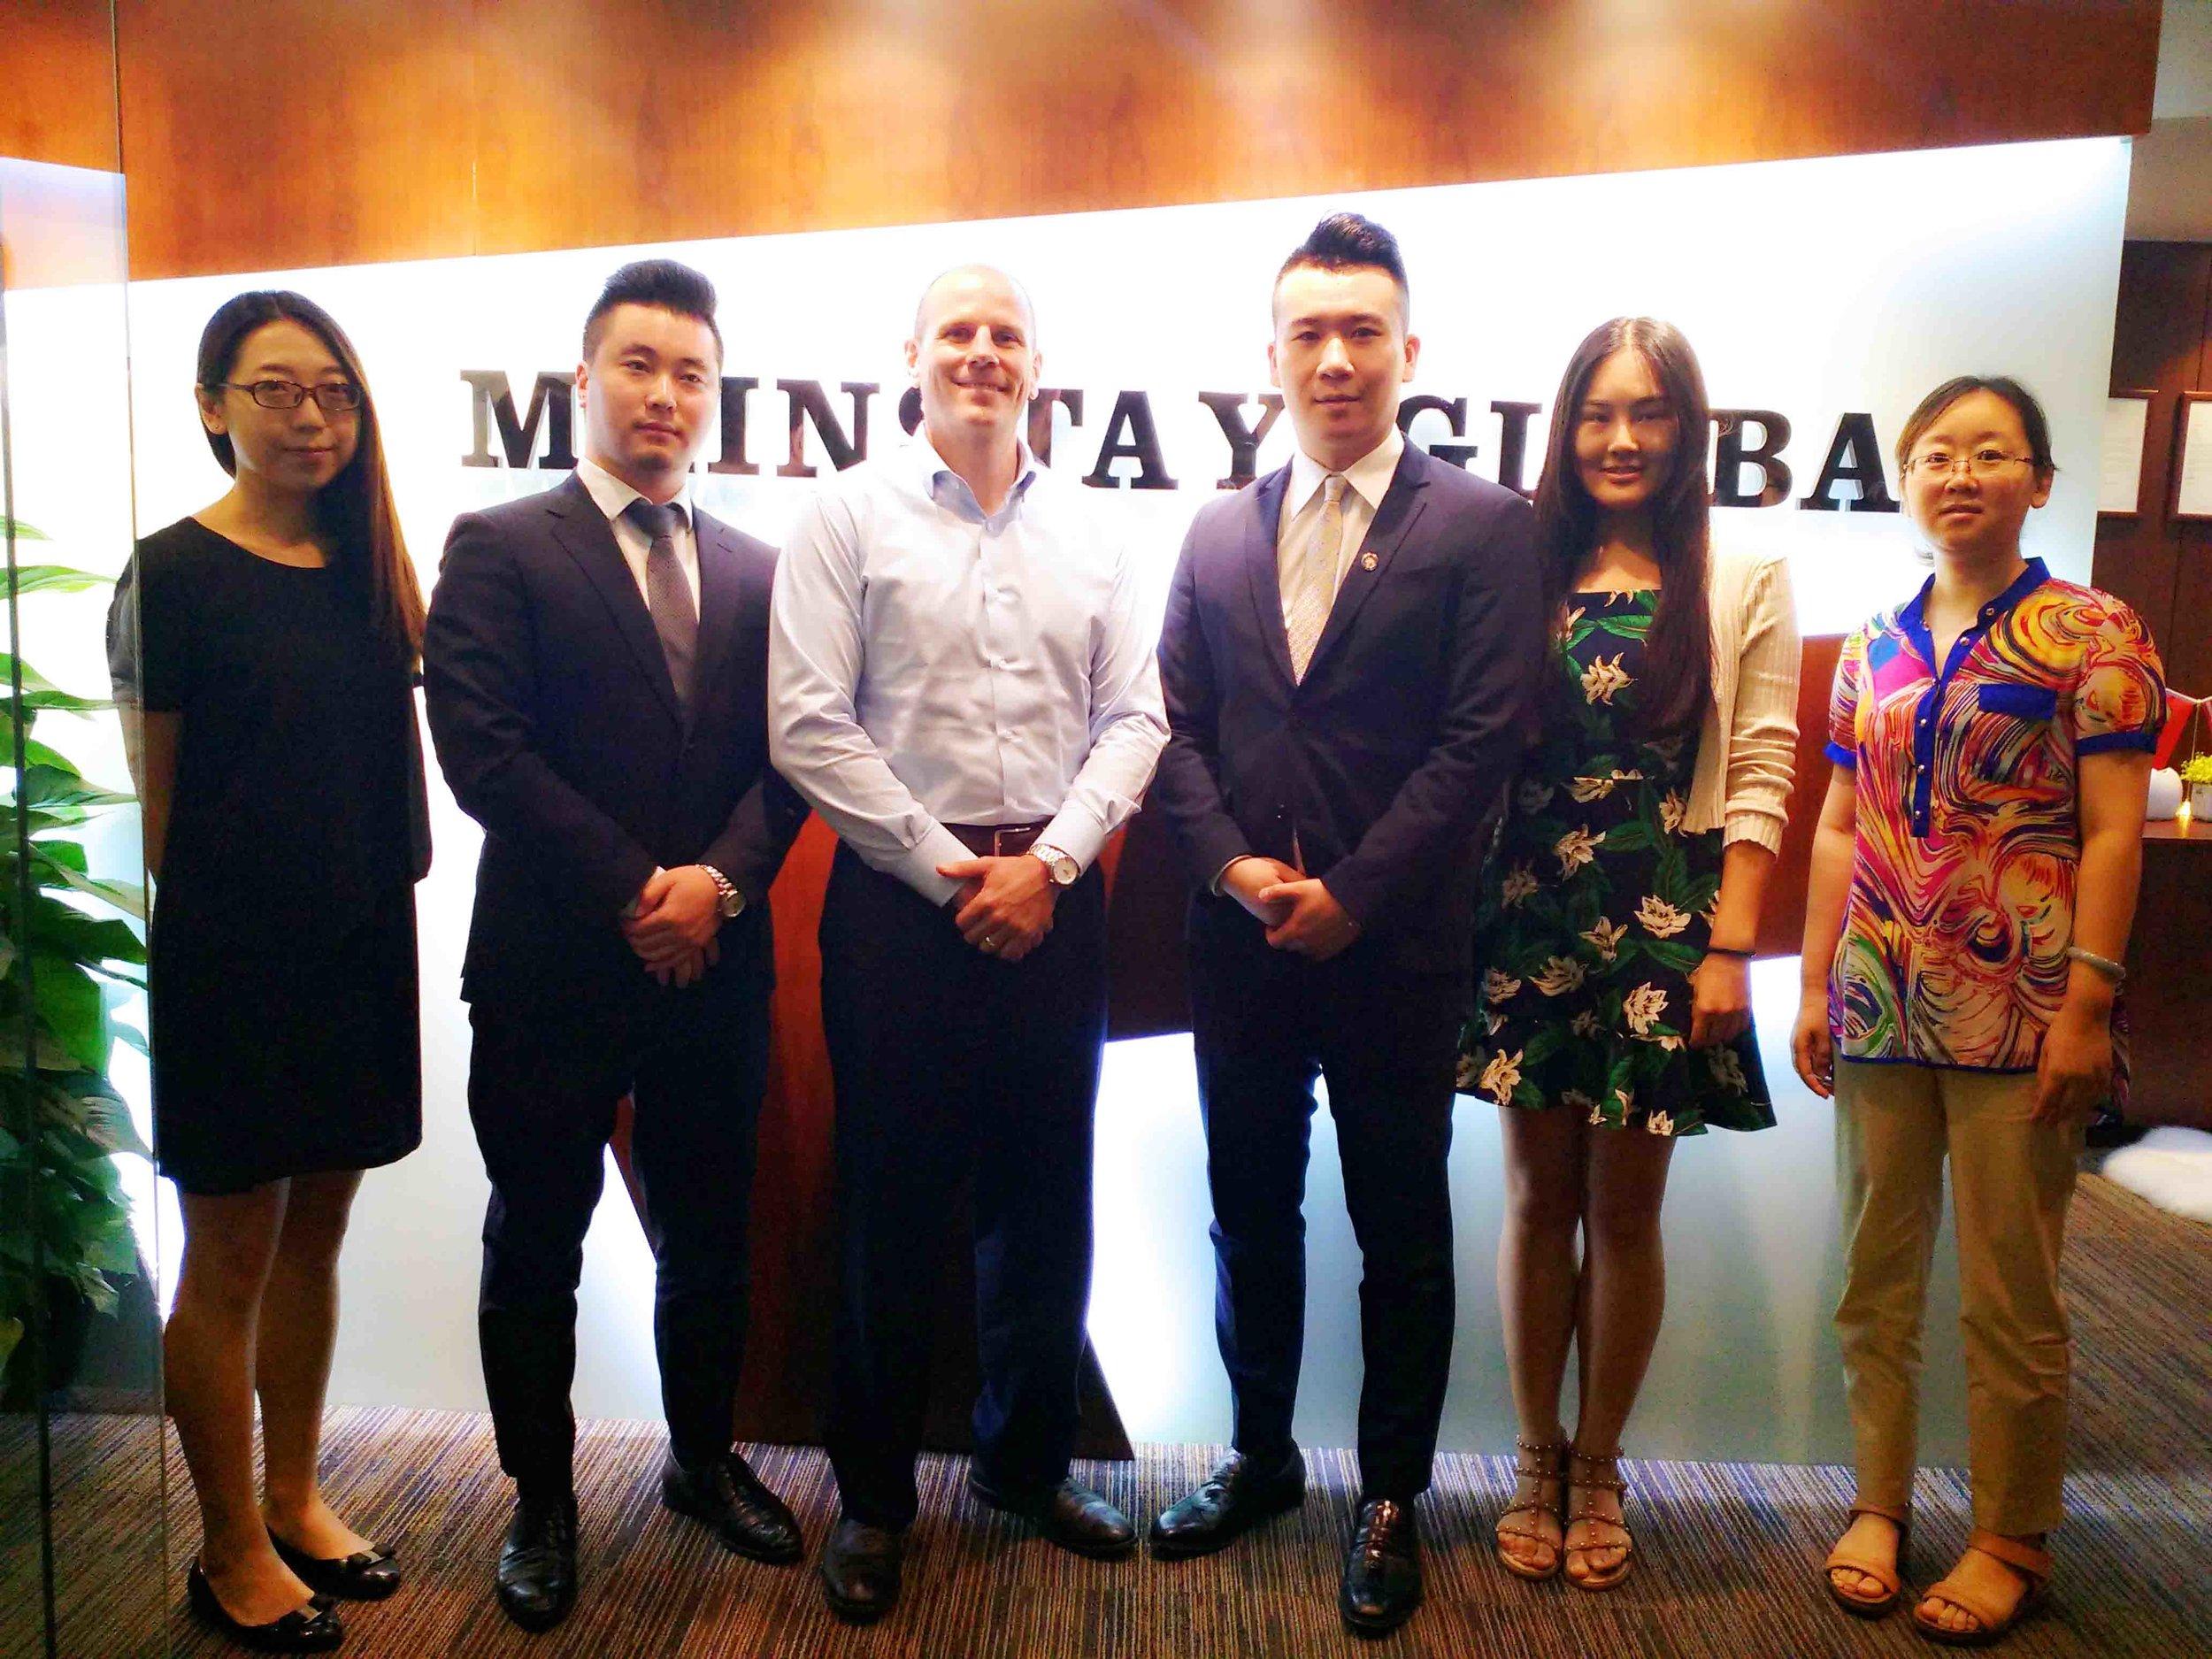 MG BJ Team in front of officea.jpg